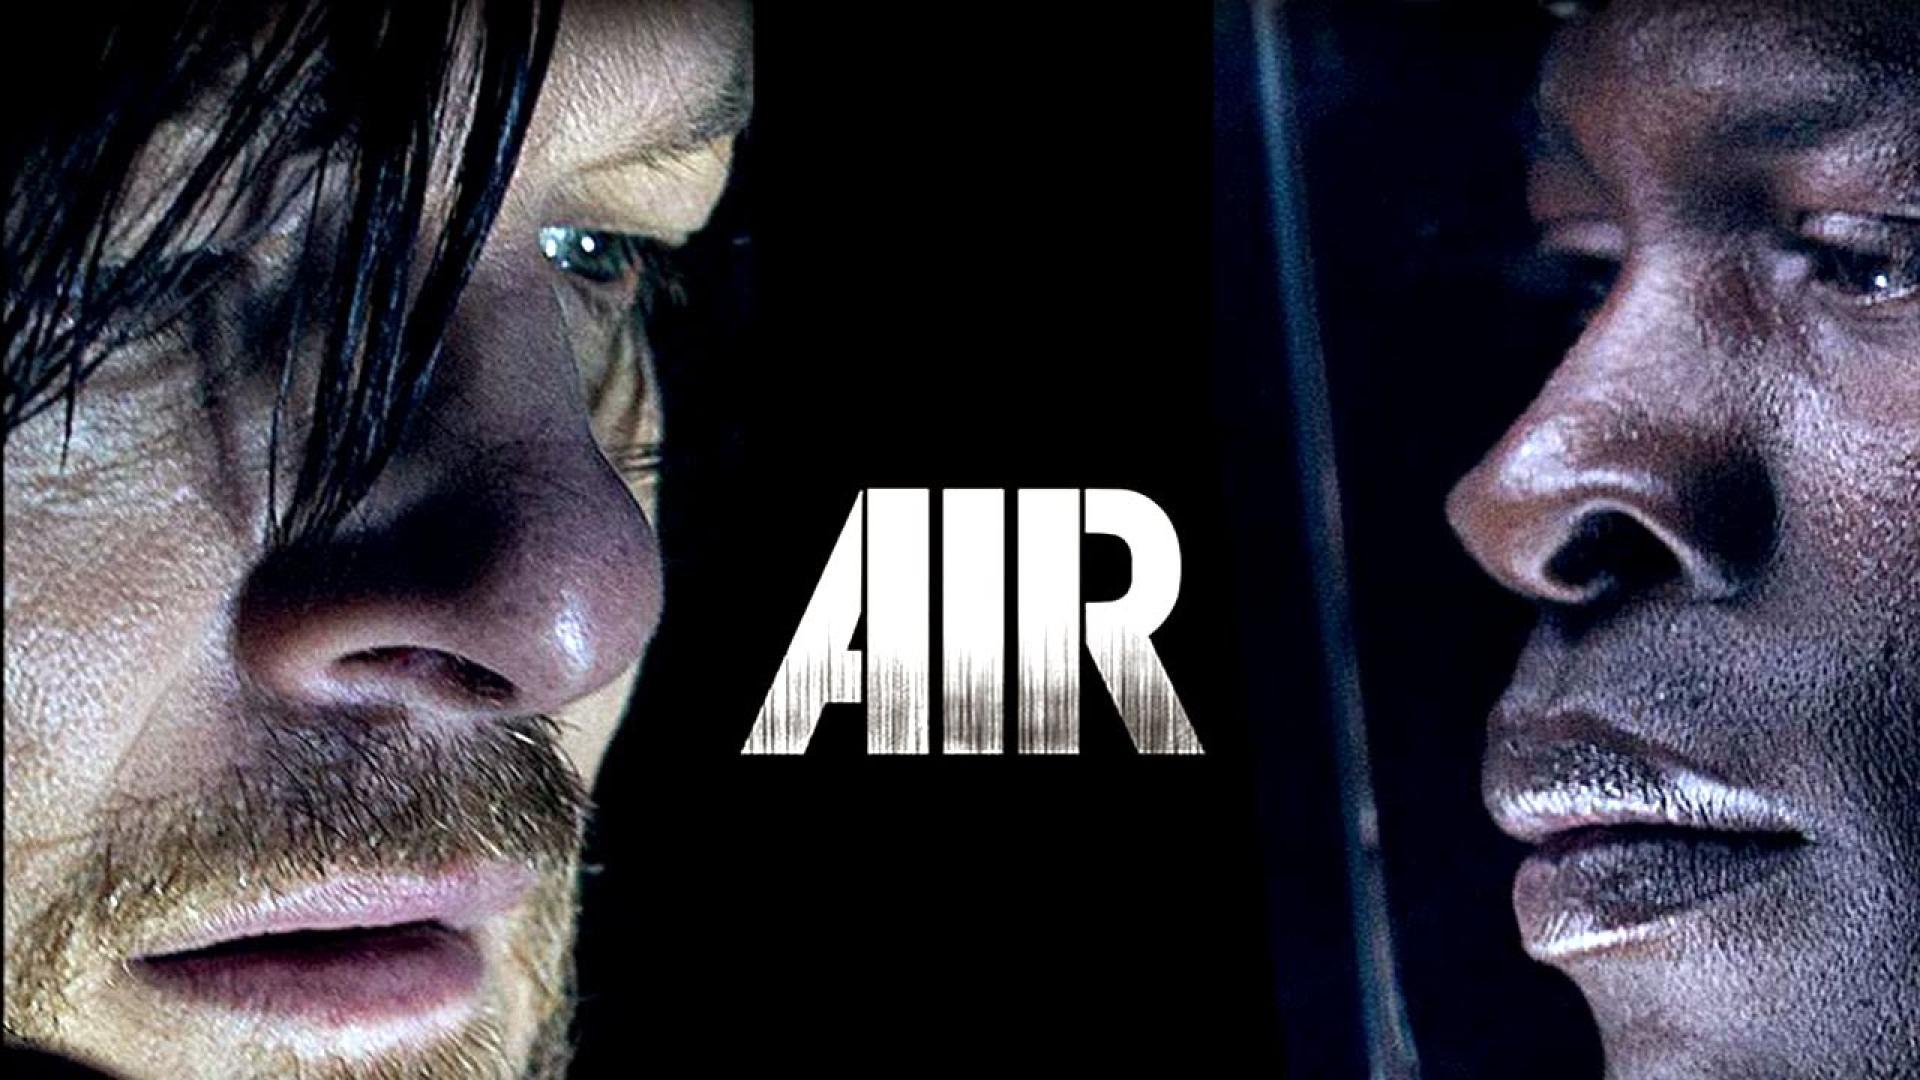 Air - Légszomj (2015)